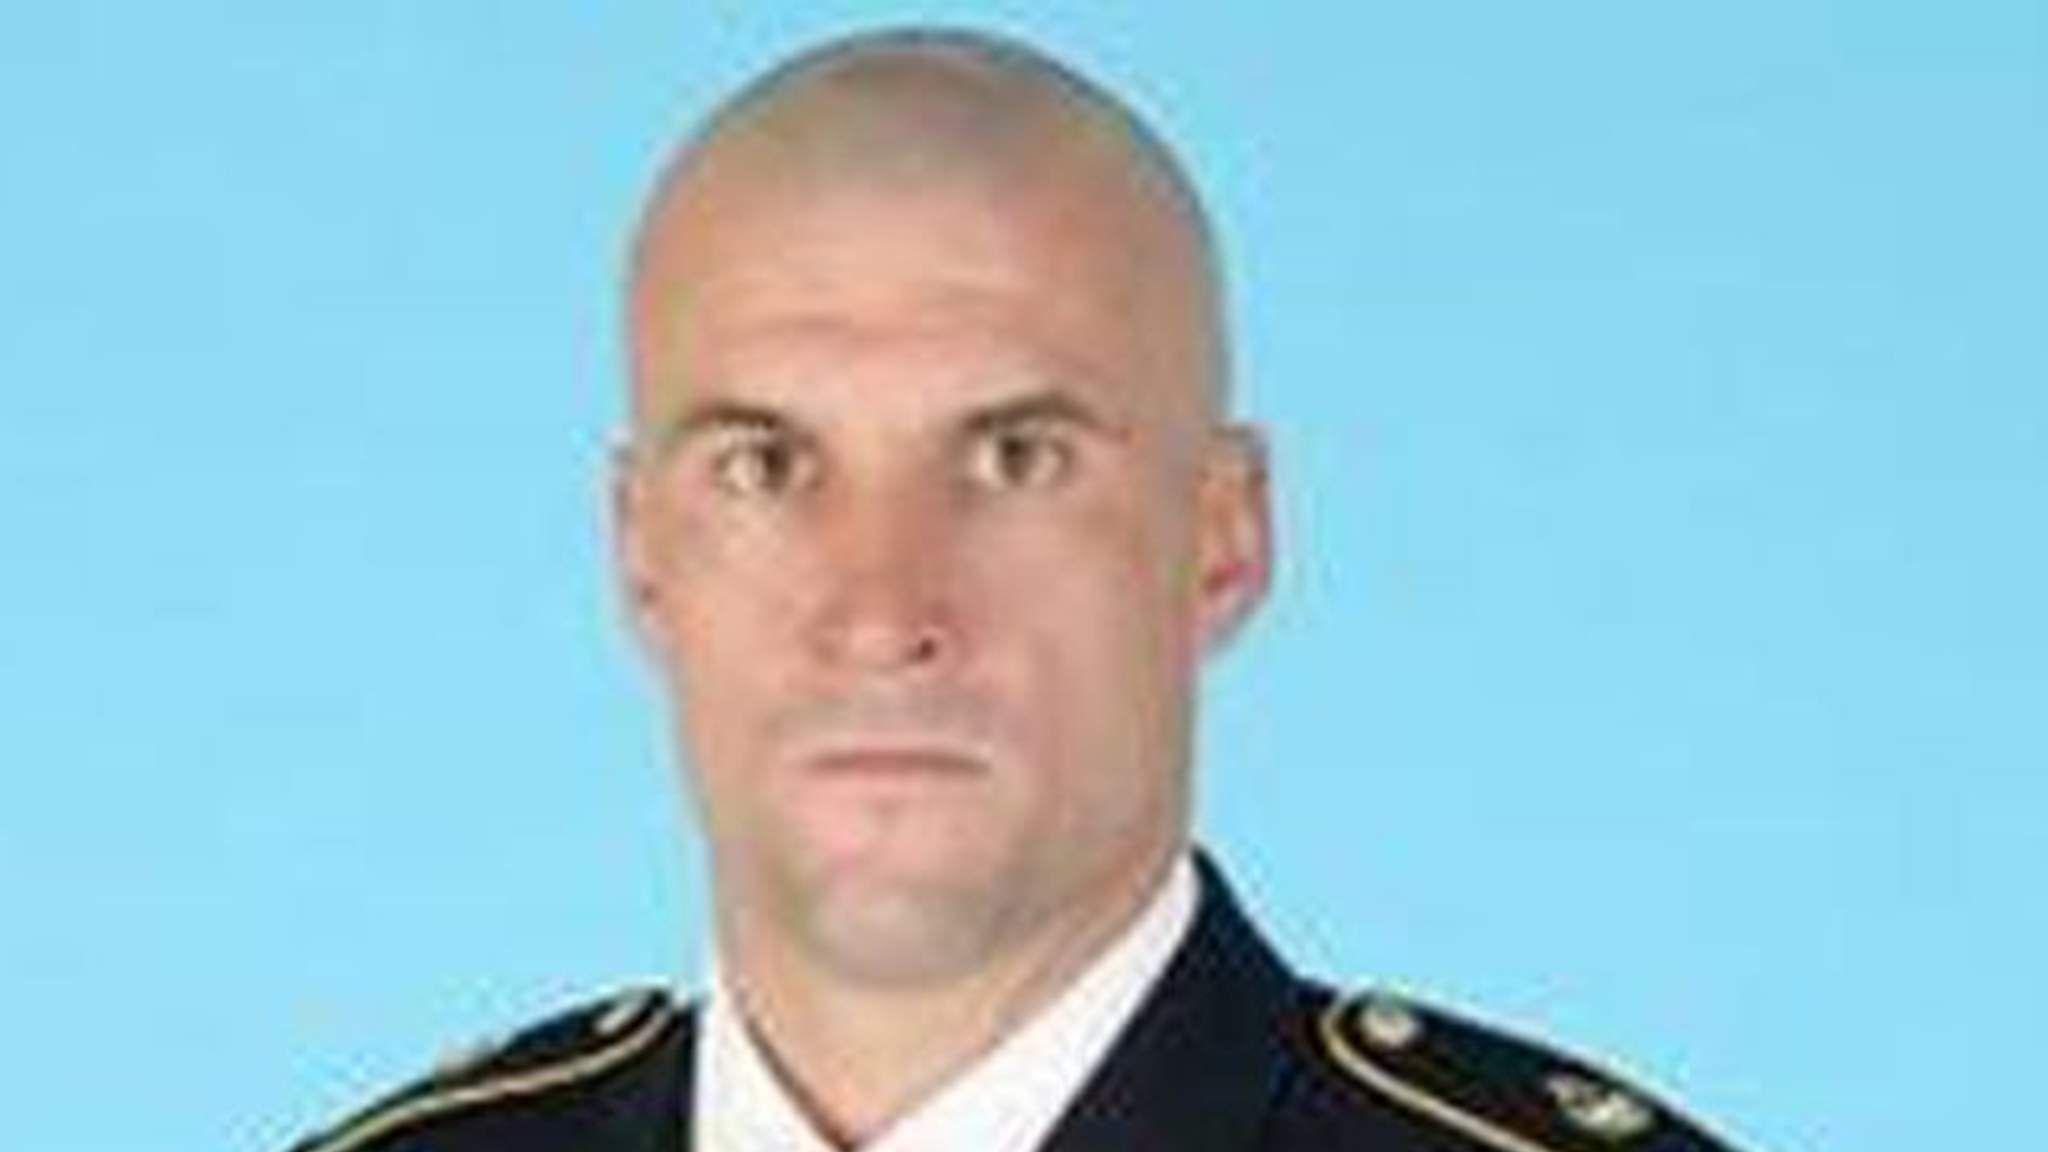 Afghan Dan soldier who beat afghan 'paedophile' keeps job | us news